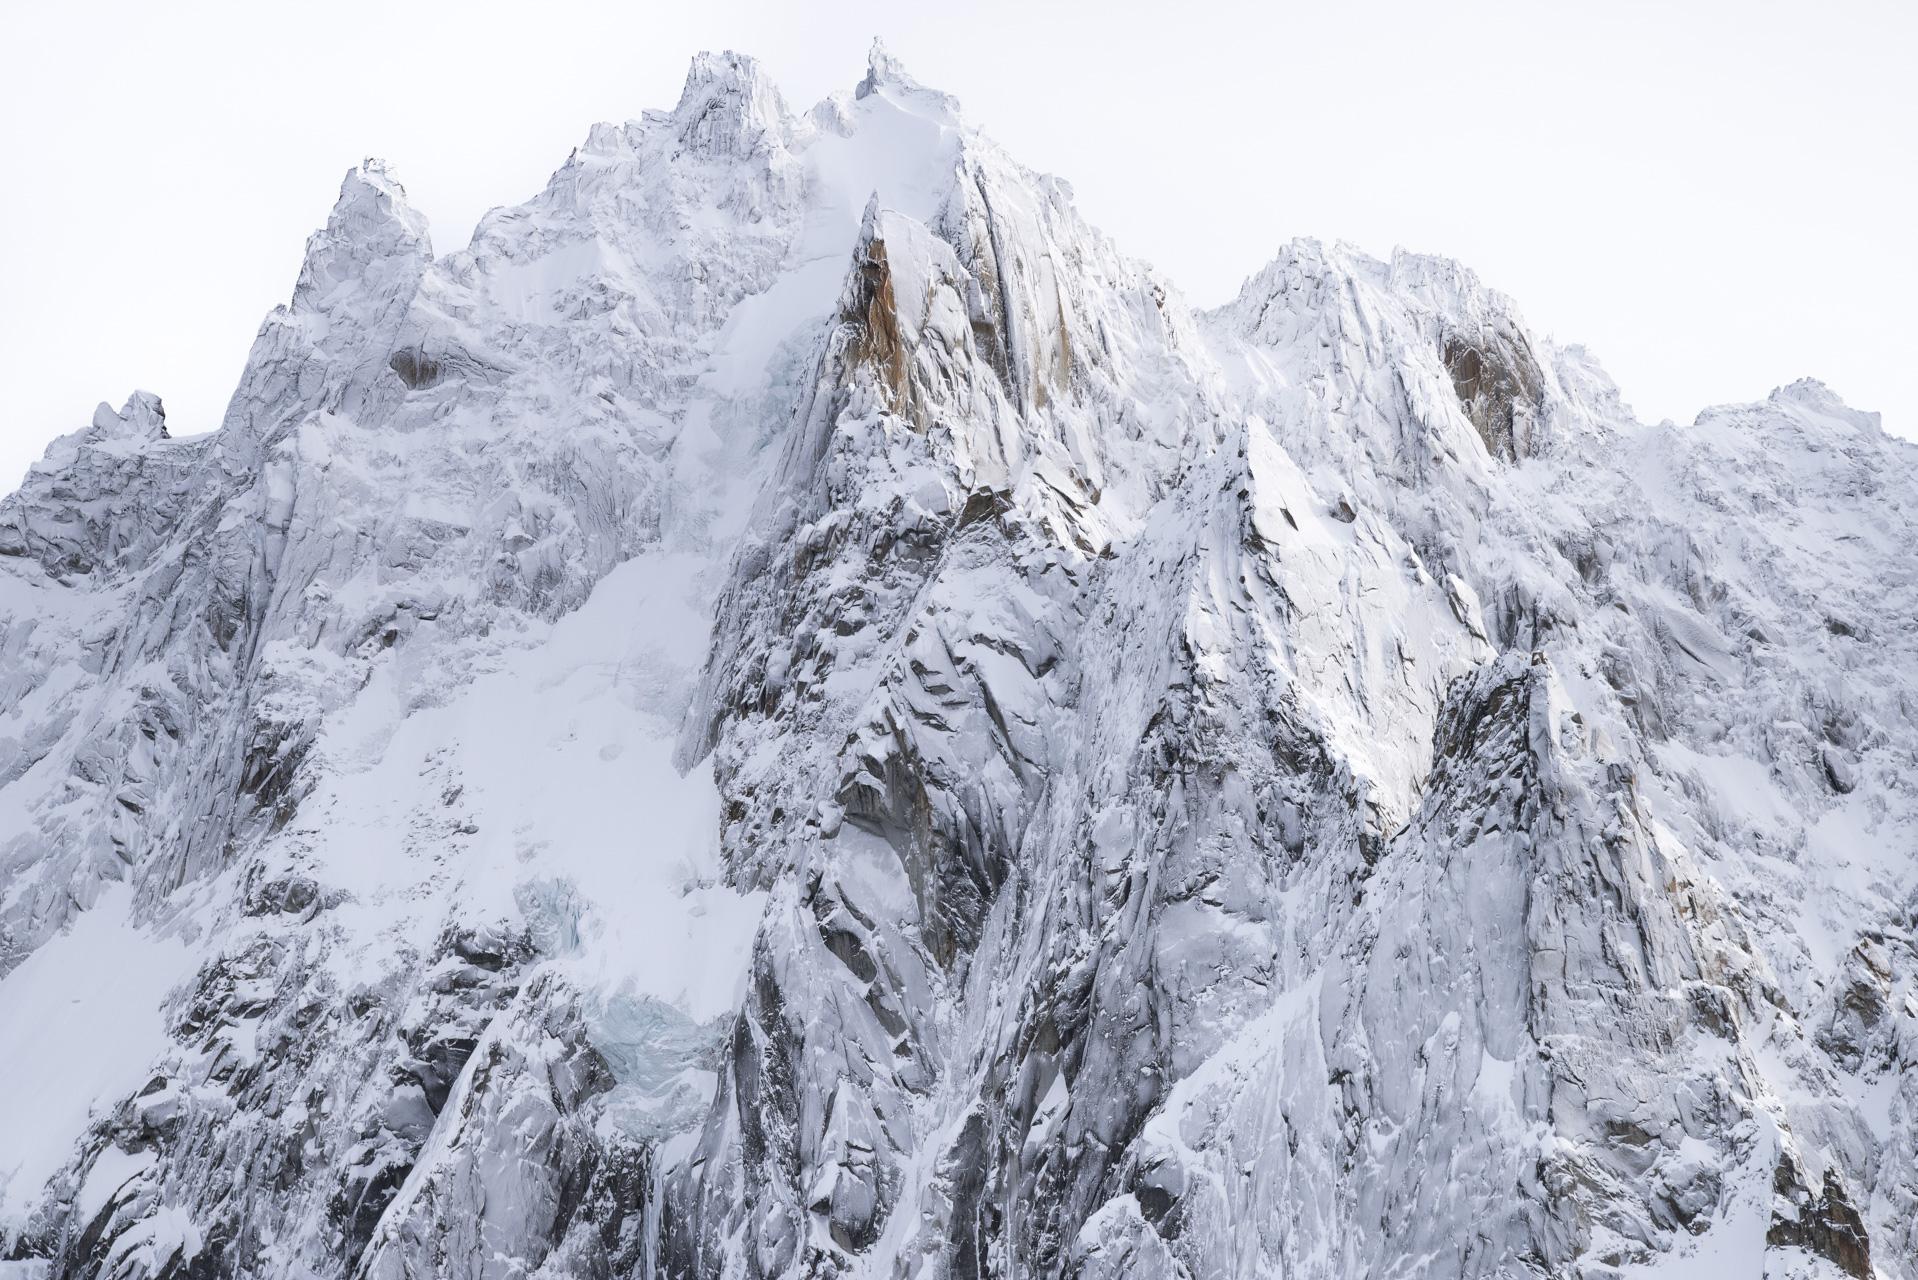 Photographie des Aiguilles de Chamonix après une tempète de neige